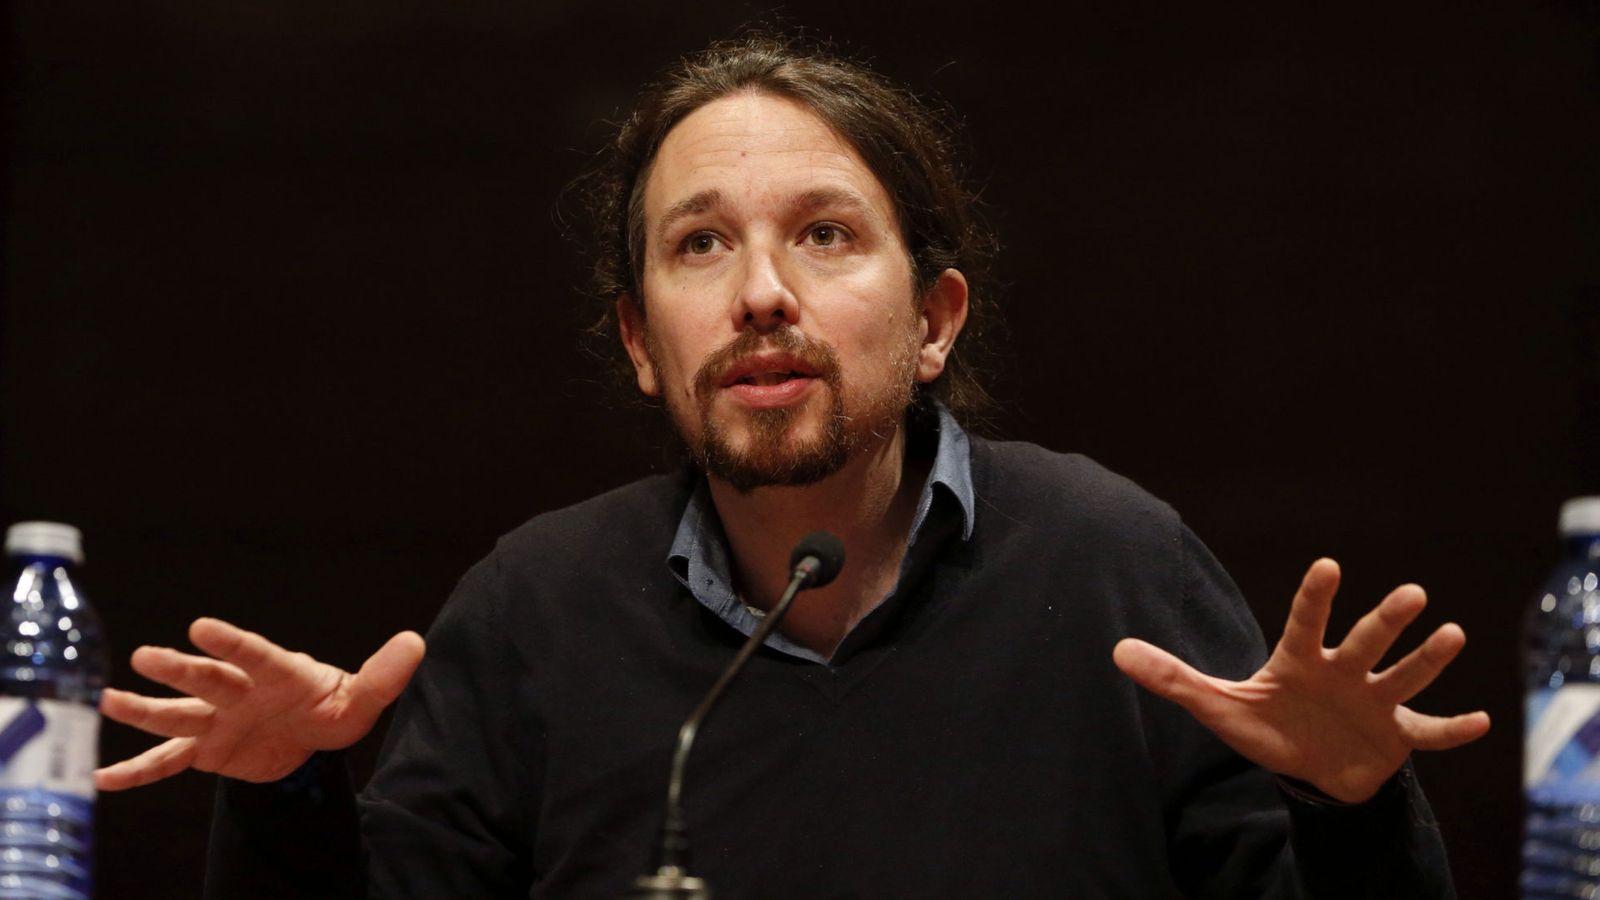 Foto: El líder de Podemos, Pablo Iglesias, durante la conferencia en la Facultad de Filosofía de la Complutense, este 21 de abril. (EFE)